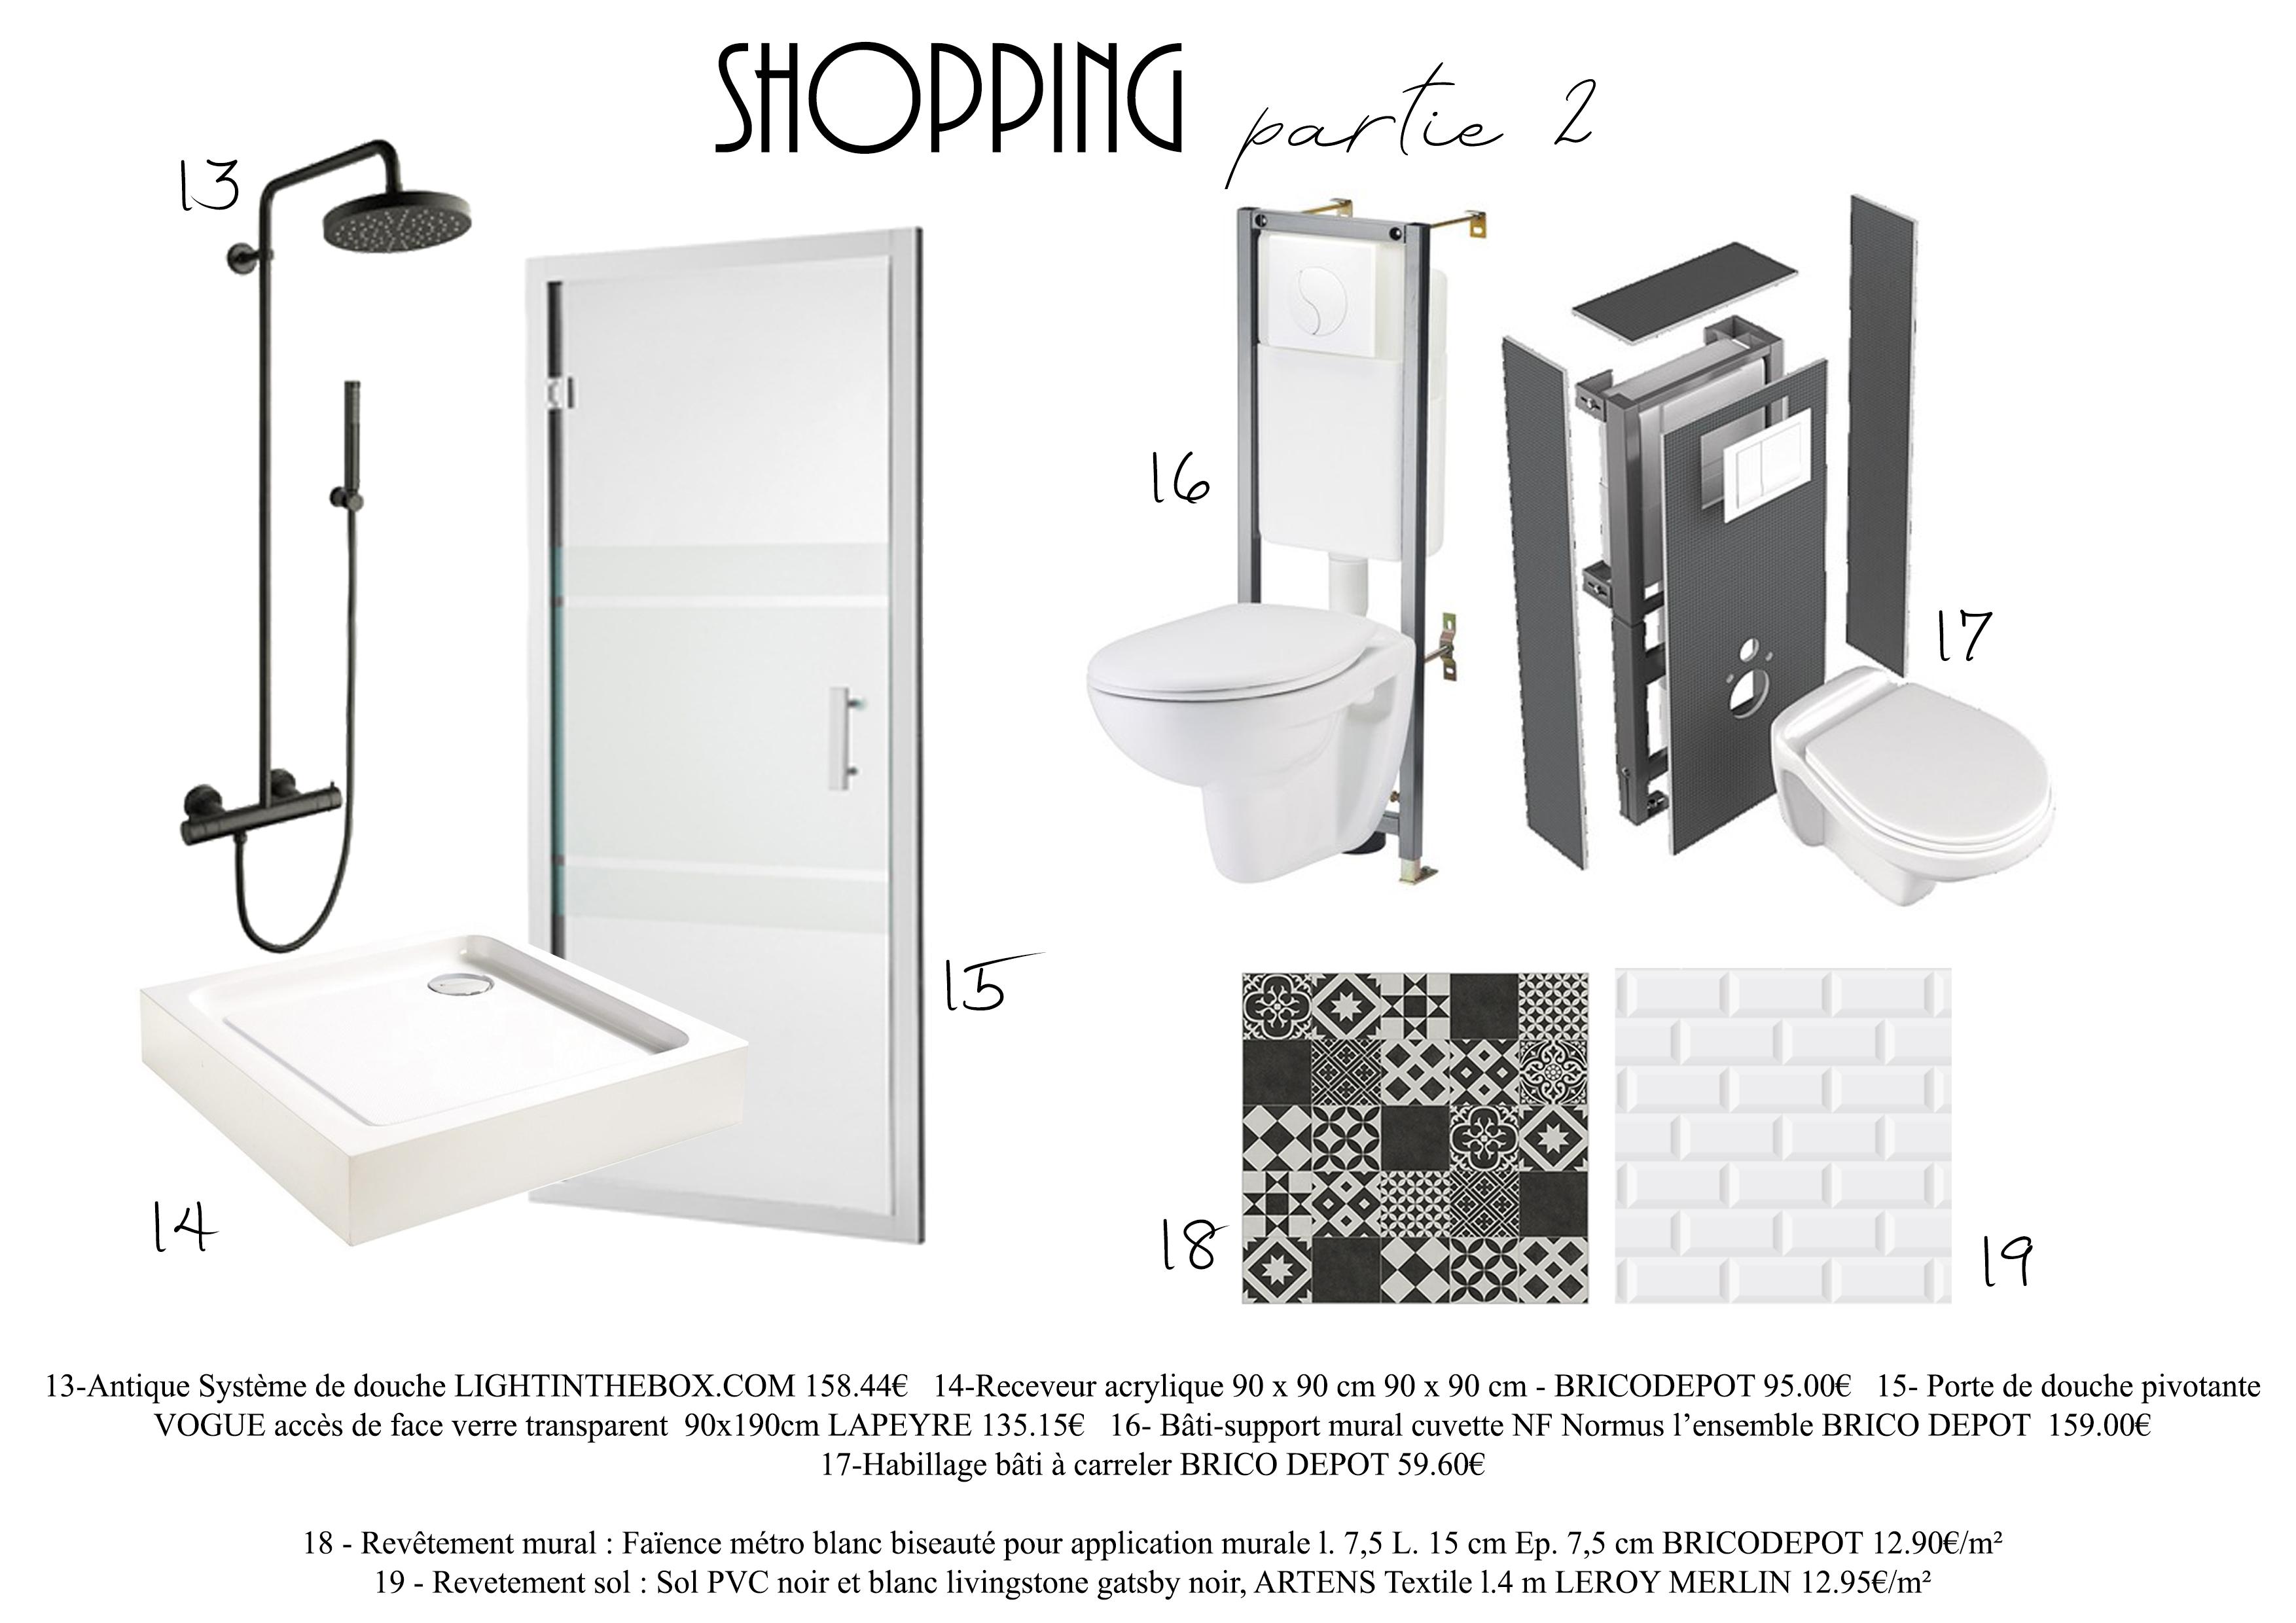 Planche shopping matériaux - Salle d'eau